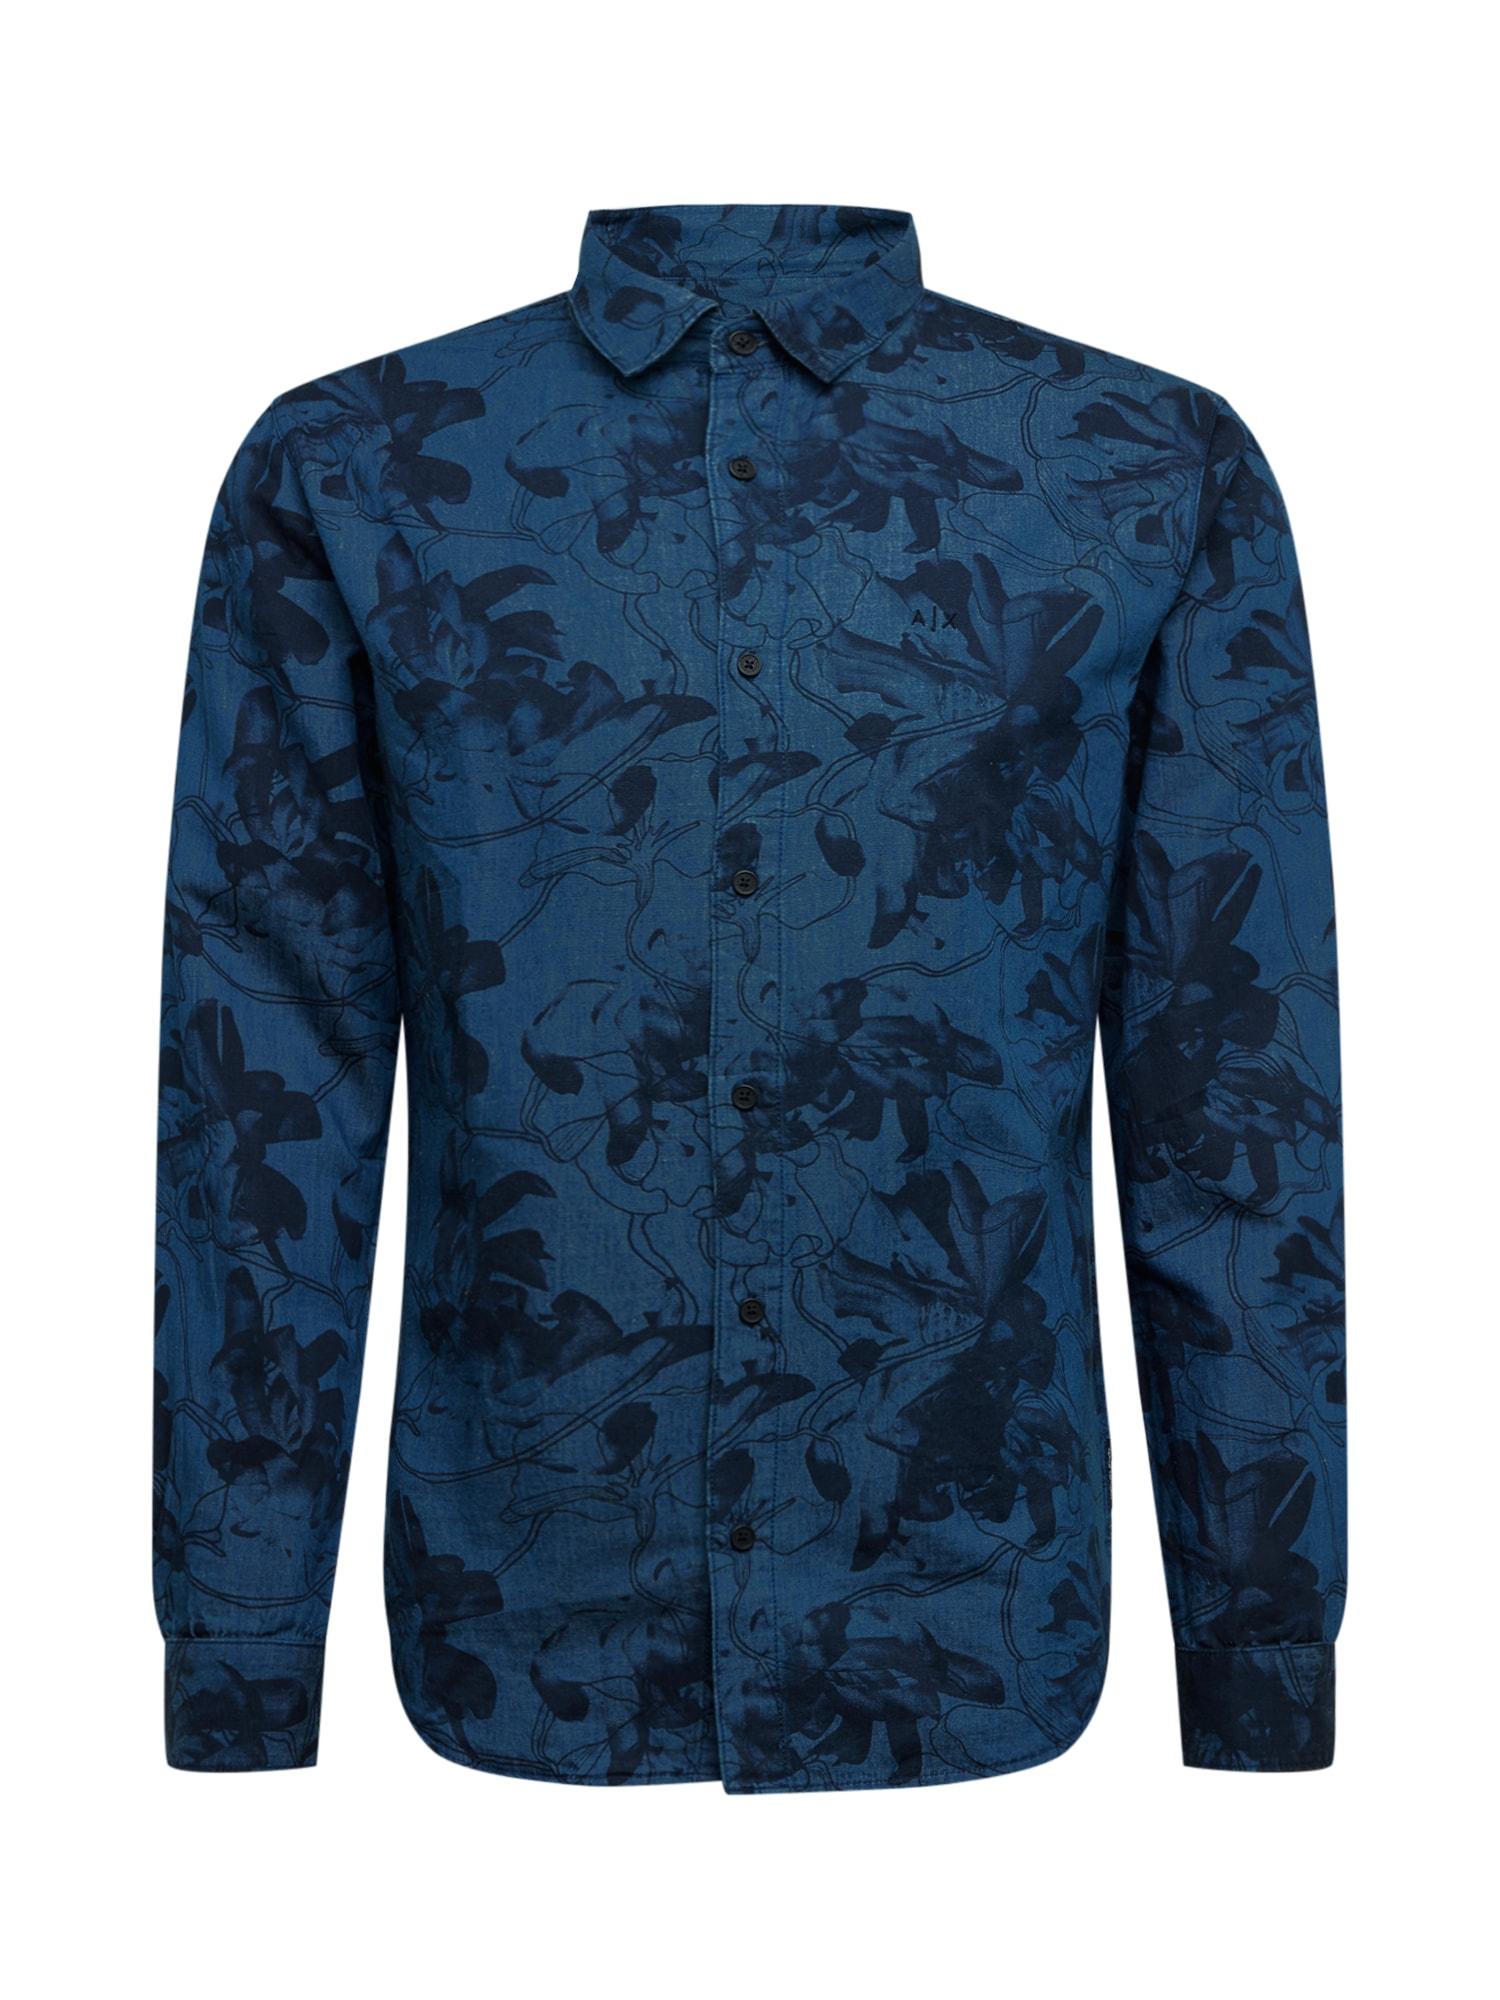 ARMANI EXCHANGE Dalykiniai marškiniai tamsiai mėlyna